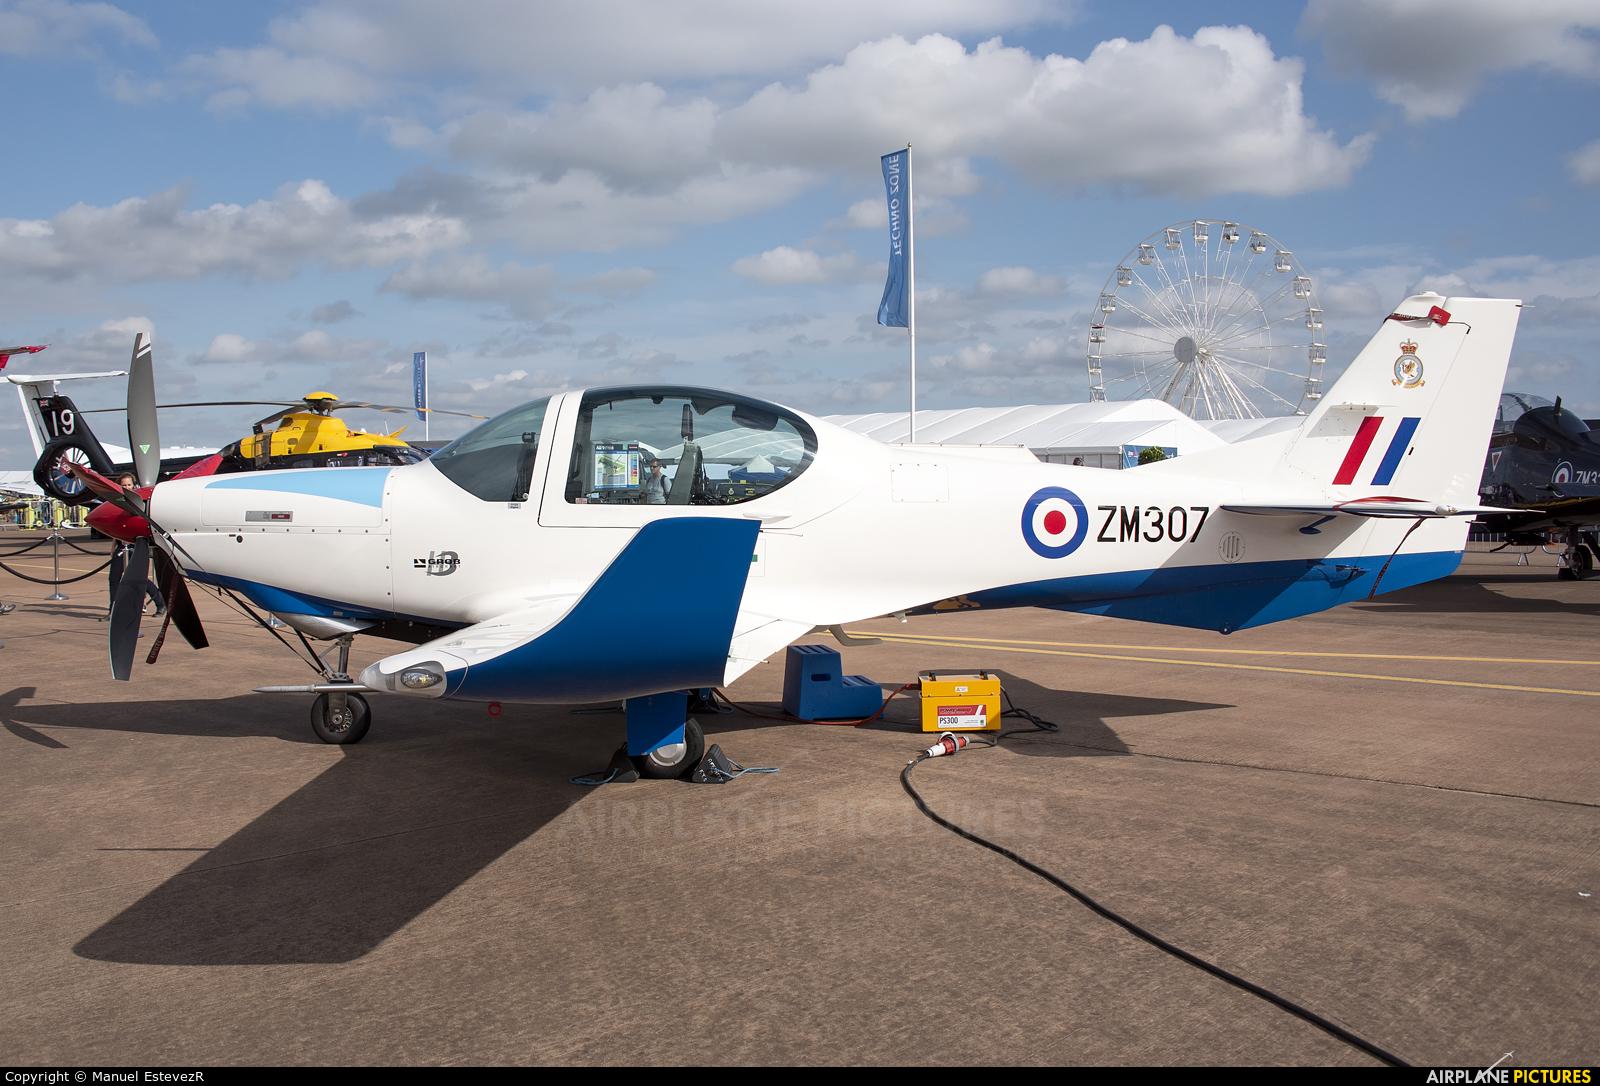 Royal Air Force ZM307 aircraft at Fairford